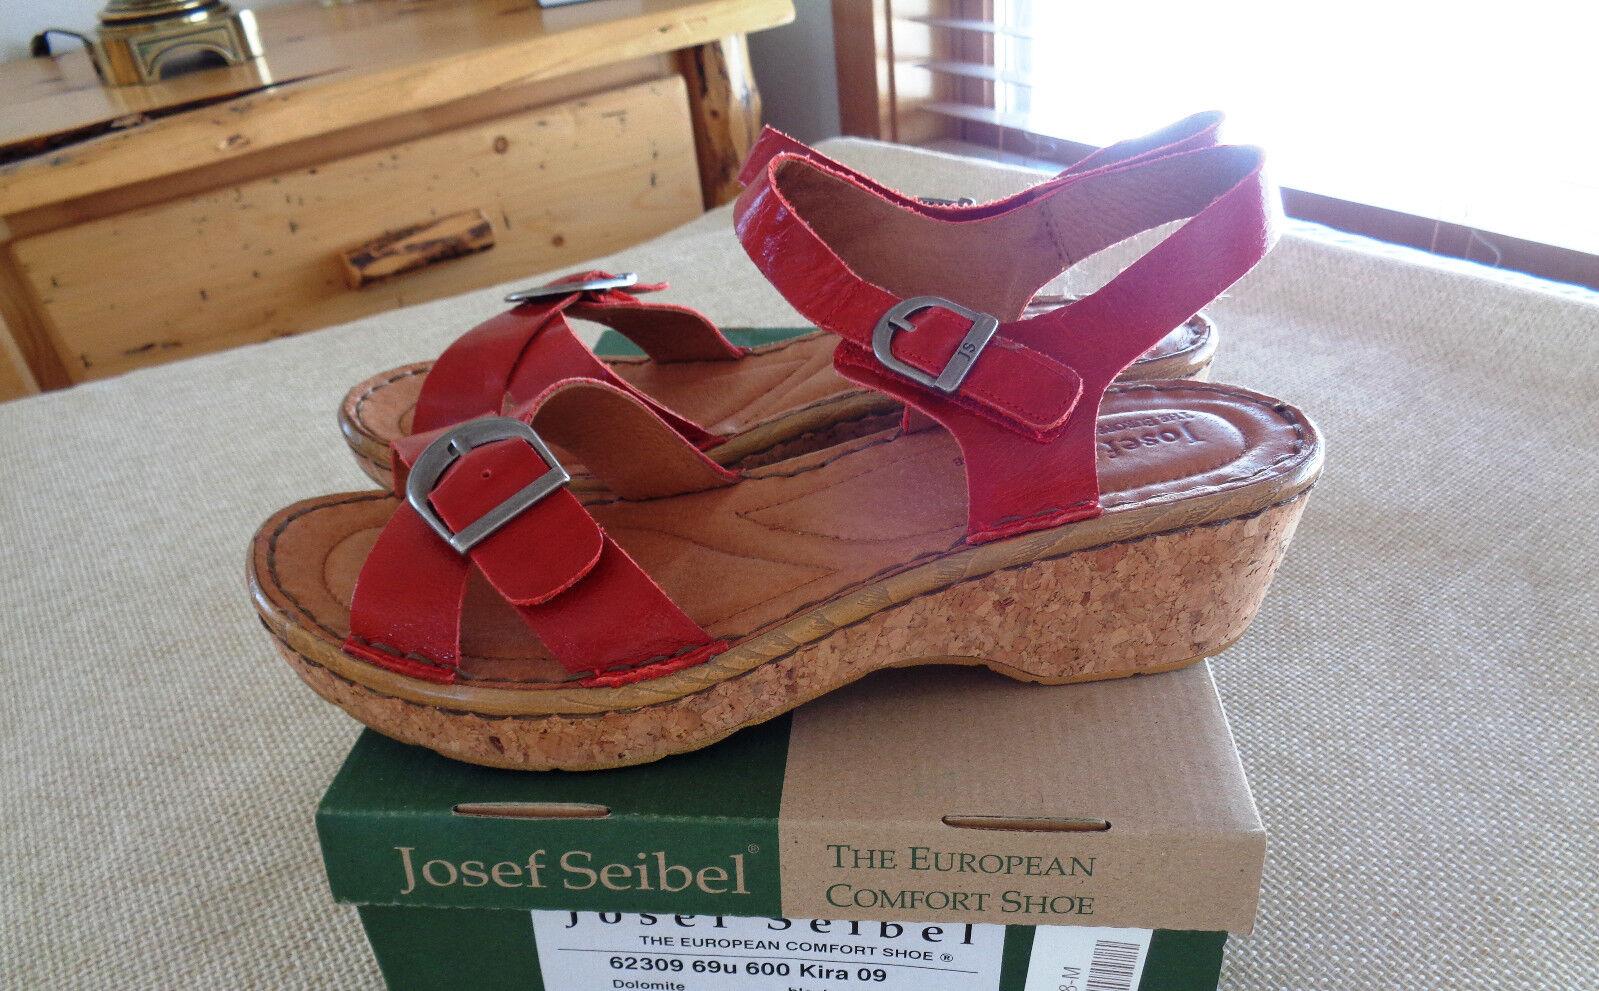 Nouveau  120 Josef Siebel Sandales pour femme W Chaussures Chaussures Chaussures Taille 39 62309 69u 350 Kira 09 L @ @ K 2a70d8